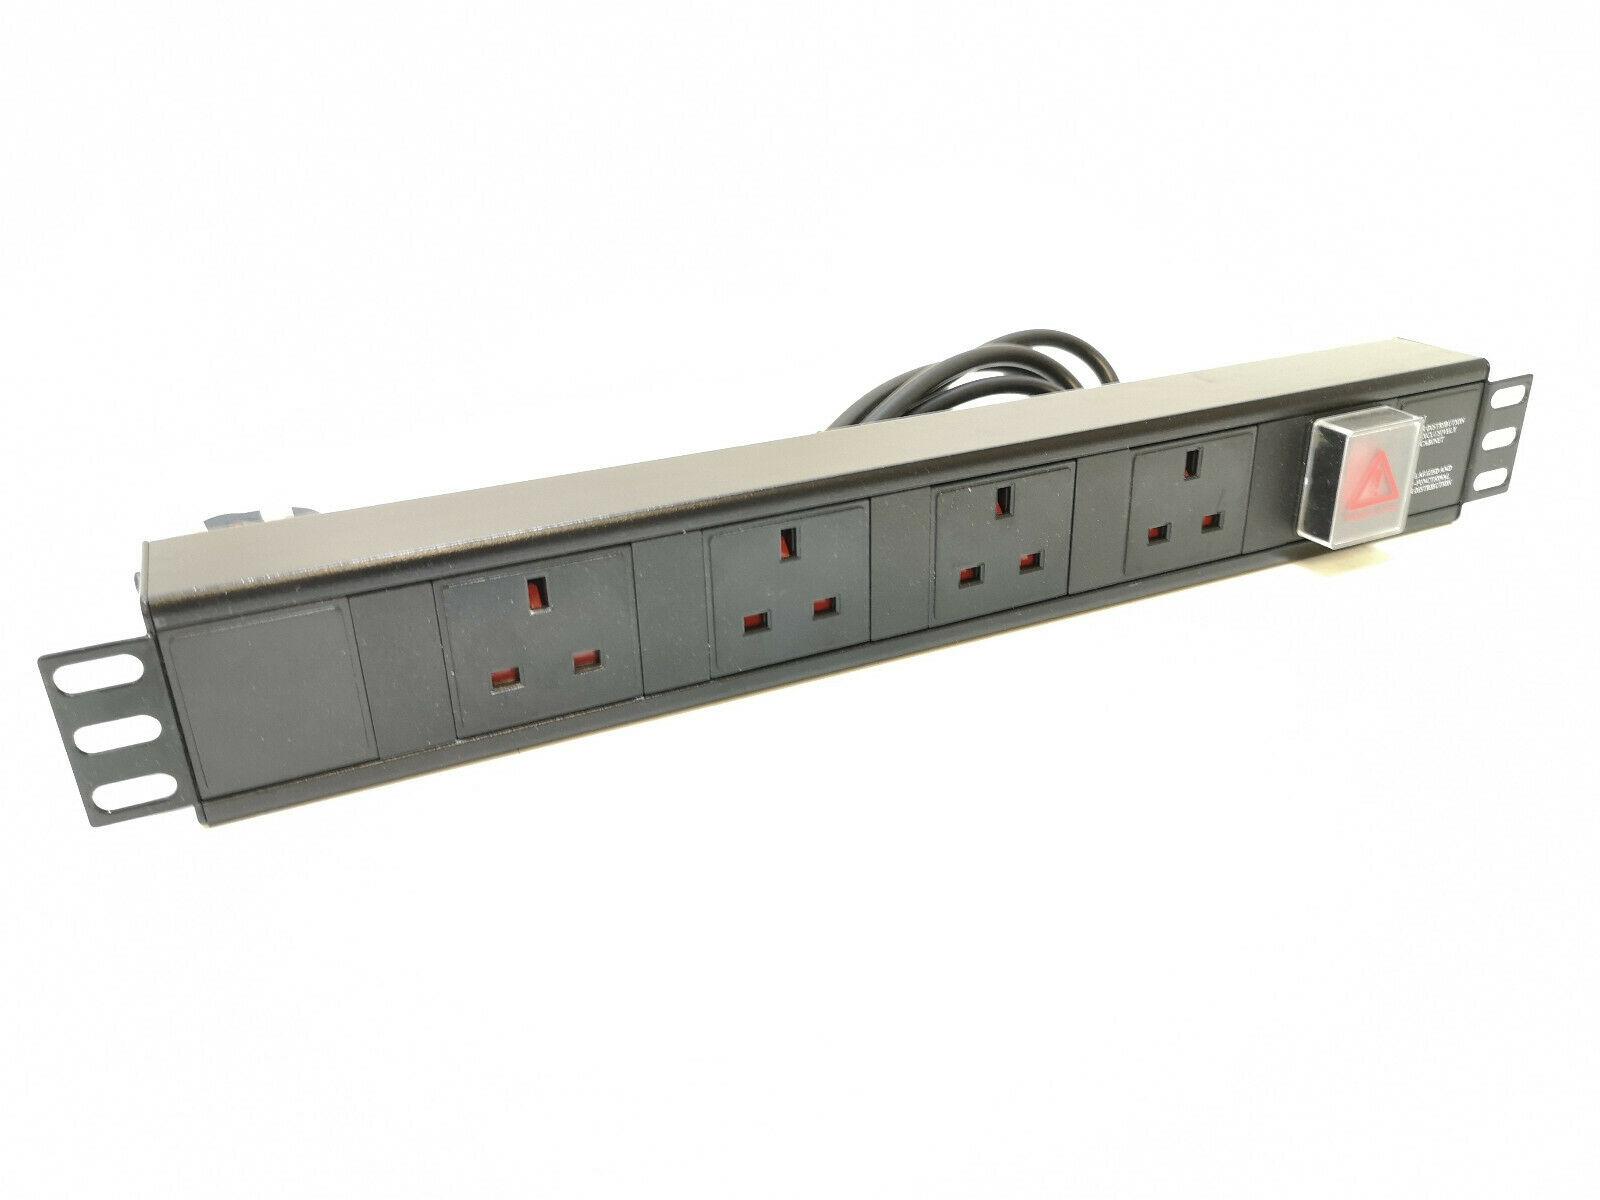 PDU-H13A4 - 146319